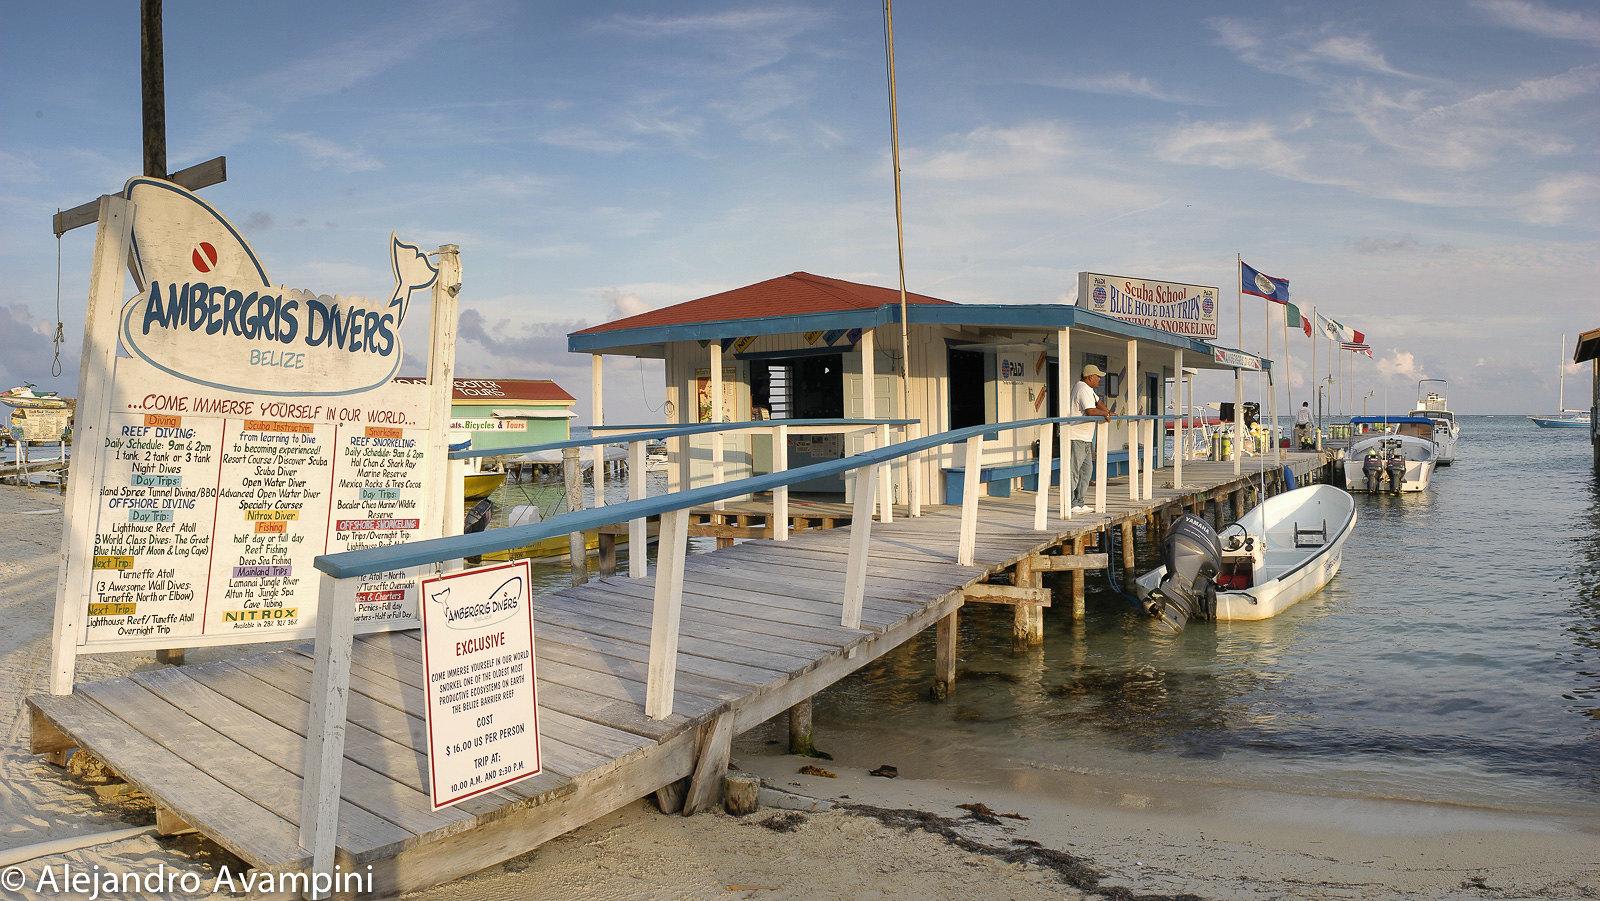 Agencia de Buceo e informes turísticos en Ambergris - Belice